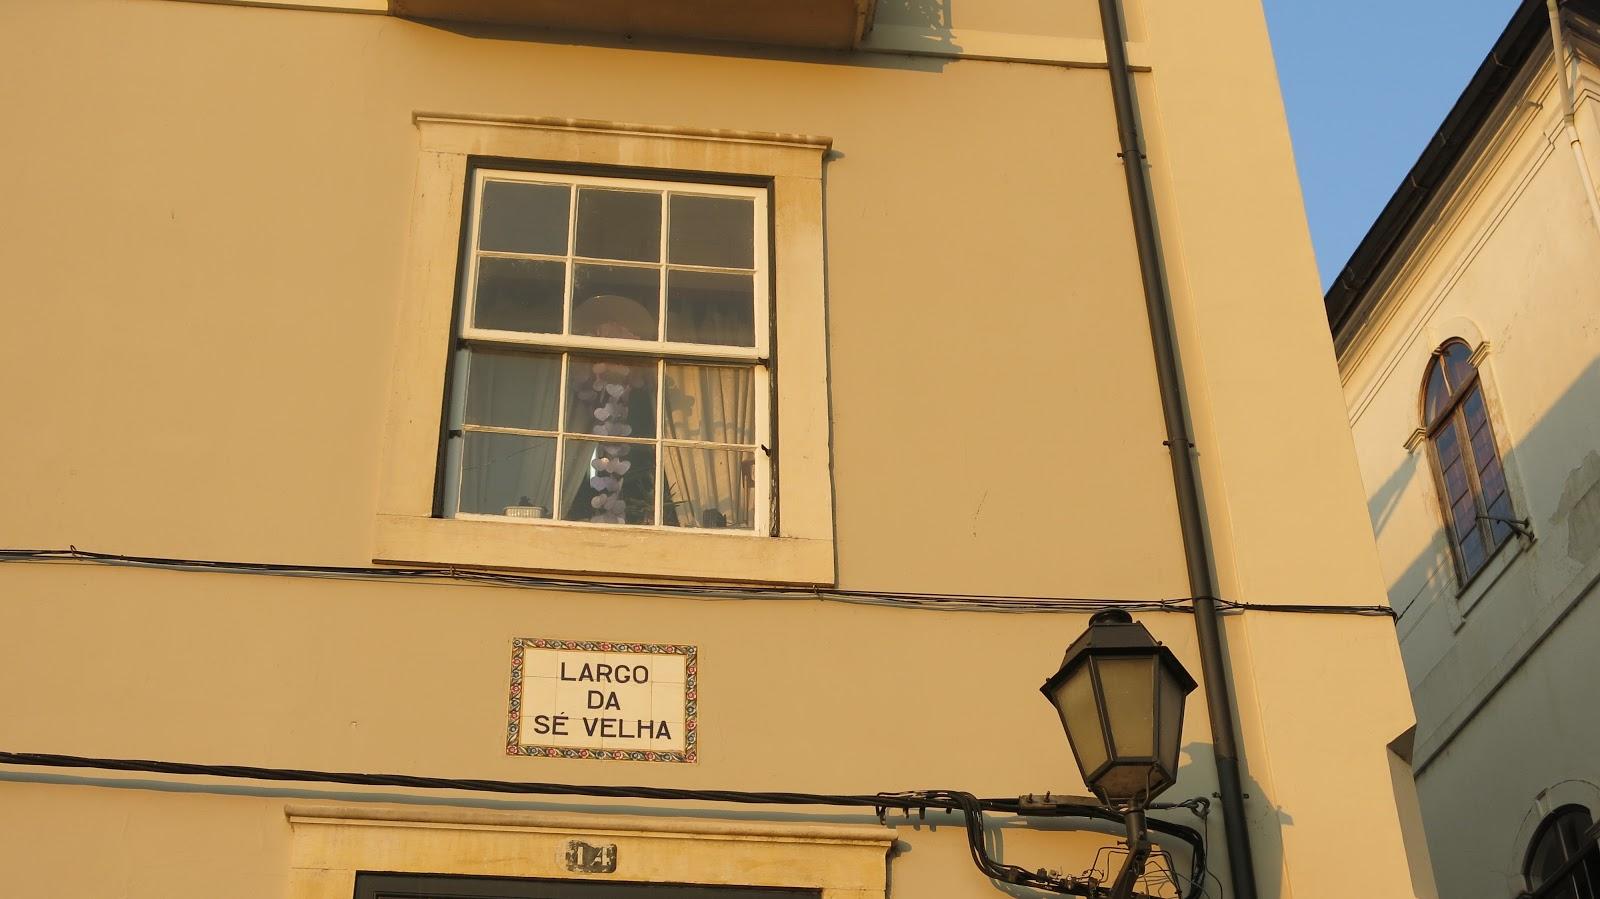 O tradicional, encantador e boêmio Largo da Sé Velha em Coimbra ...